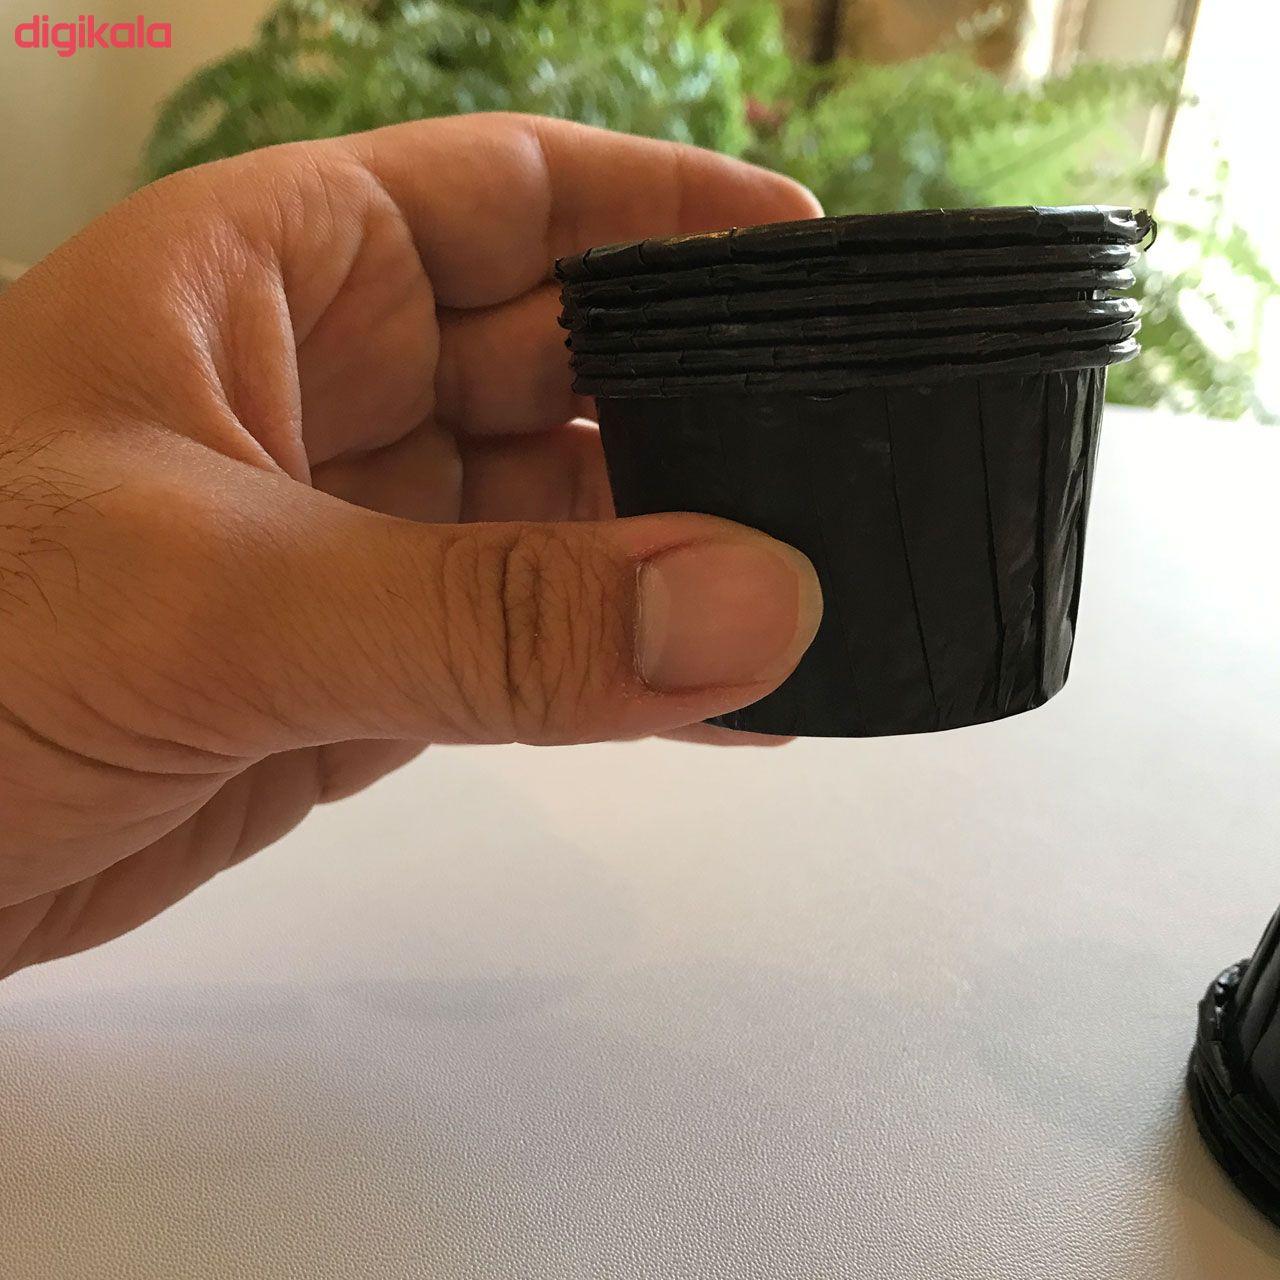 کپسول کاپ کیک کد 008 بسته 10عددی main 1 3